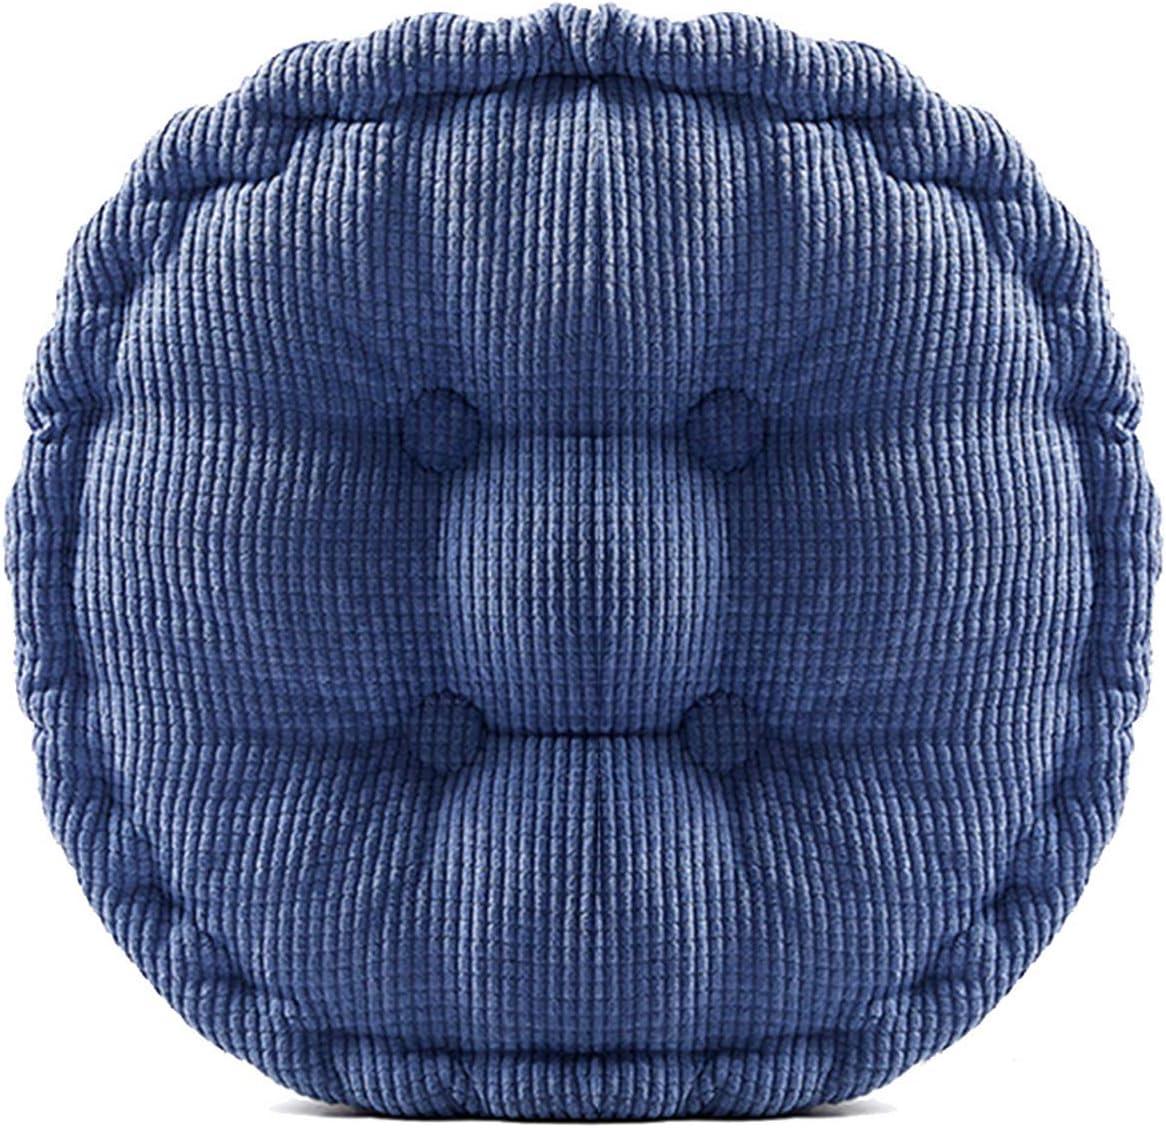 GGoty Coussin de Chaise Epais Carr/é Rond Coussin Chaise Tatami Coussin de Sol Confortable Coussin pour Chaise pour Salle /à Manger//Bureau//Jardin Int/érieur ext/érieur 40x40cm,E